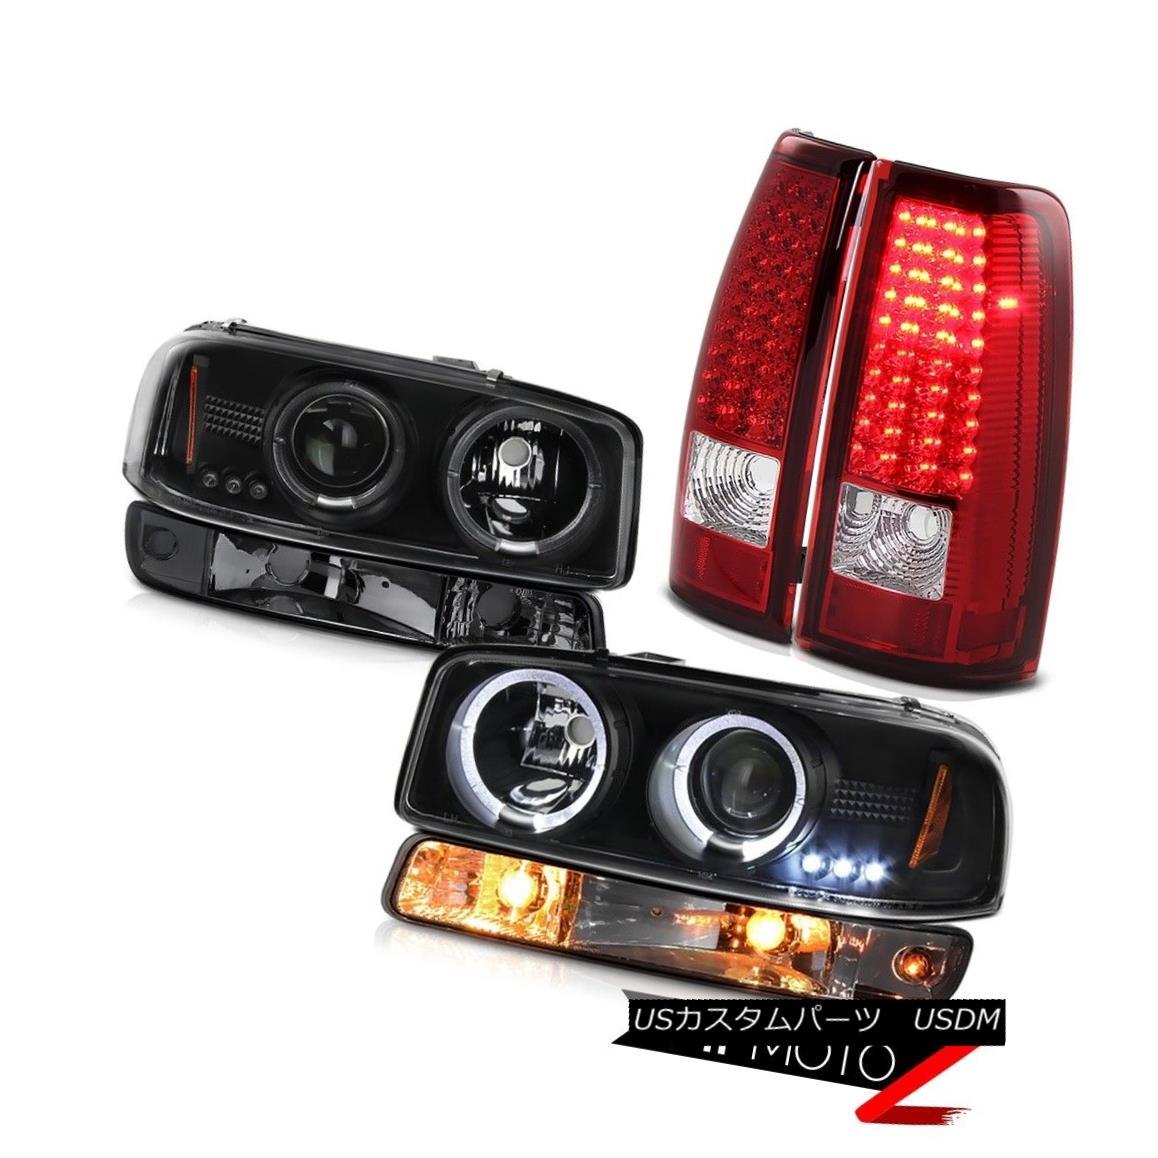 ヘッドライト 99-06 Sierra 1500 Bloody red taillamps phantom smoke parking lamp headlamps LED 99-06シエラ1500血まみれの赤いテールランプファントム煙る駐車場のランプヘッドランプLED